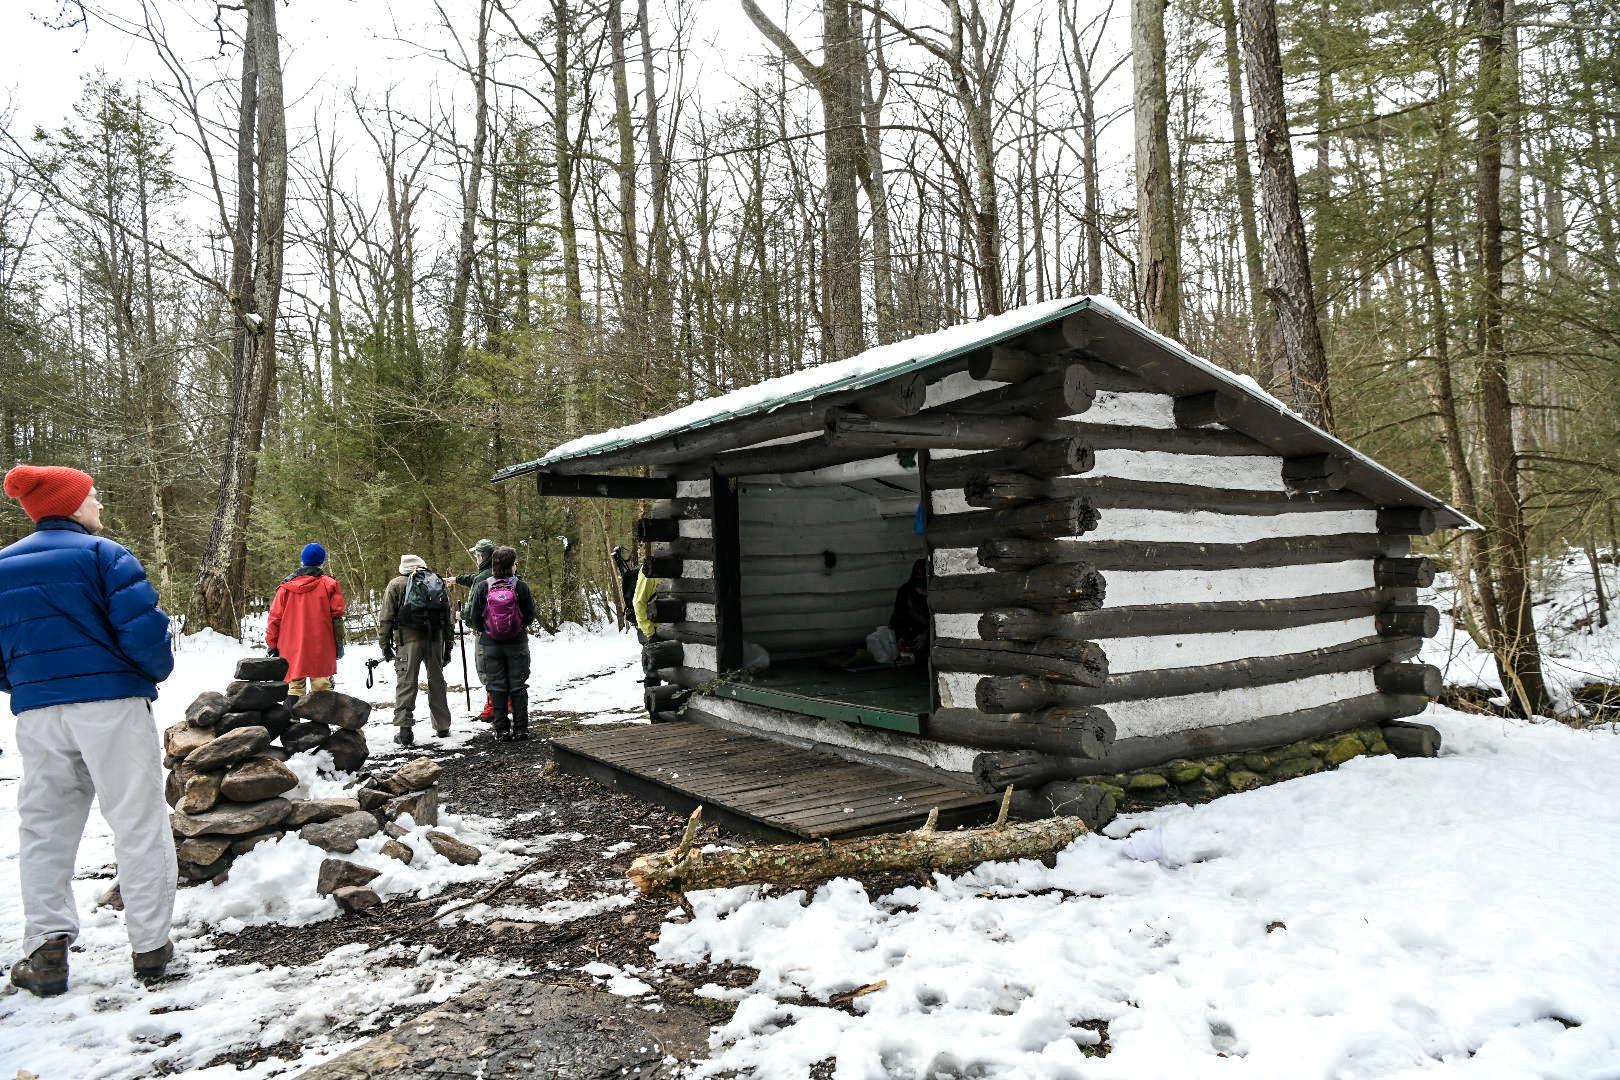 Antietam Shelter along the Appalachian Trail near Waynesboro, PA